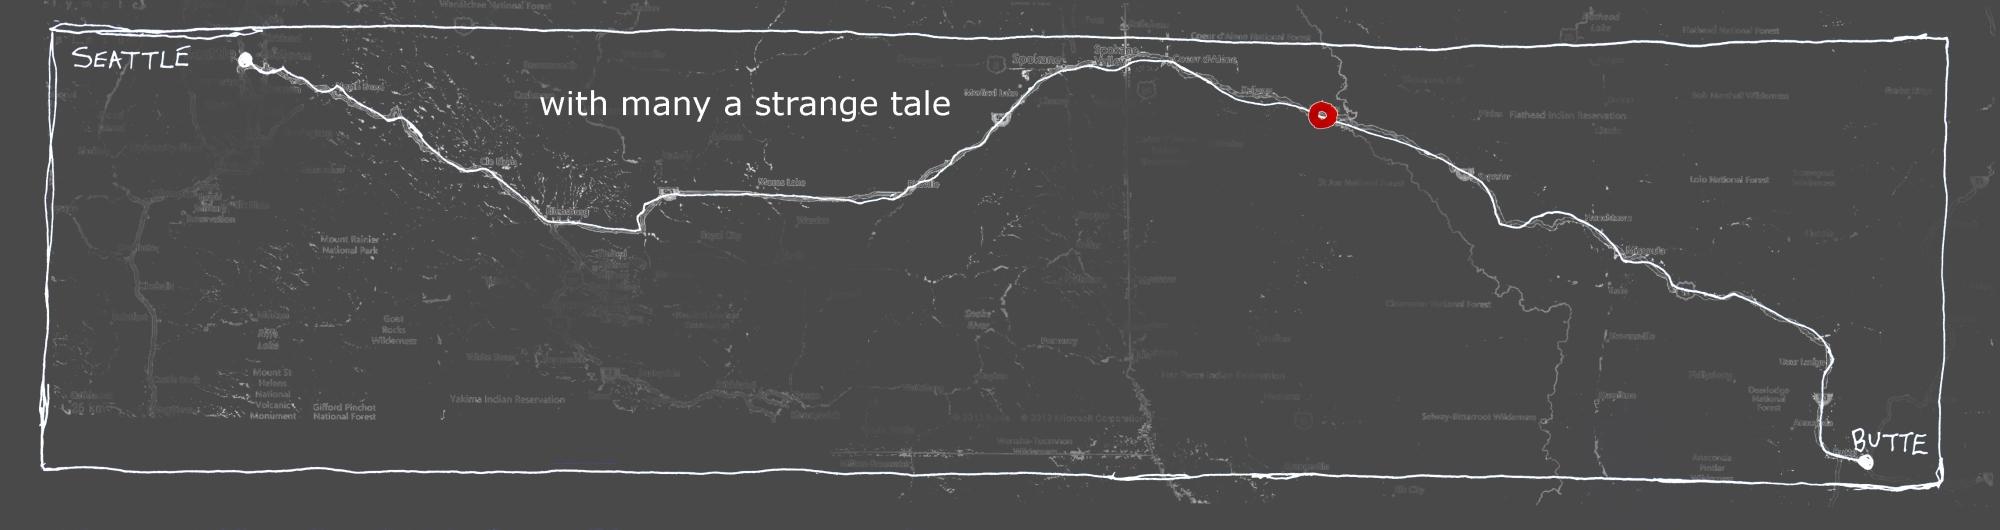 349 map